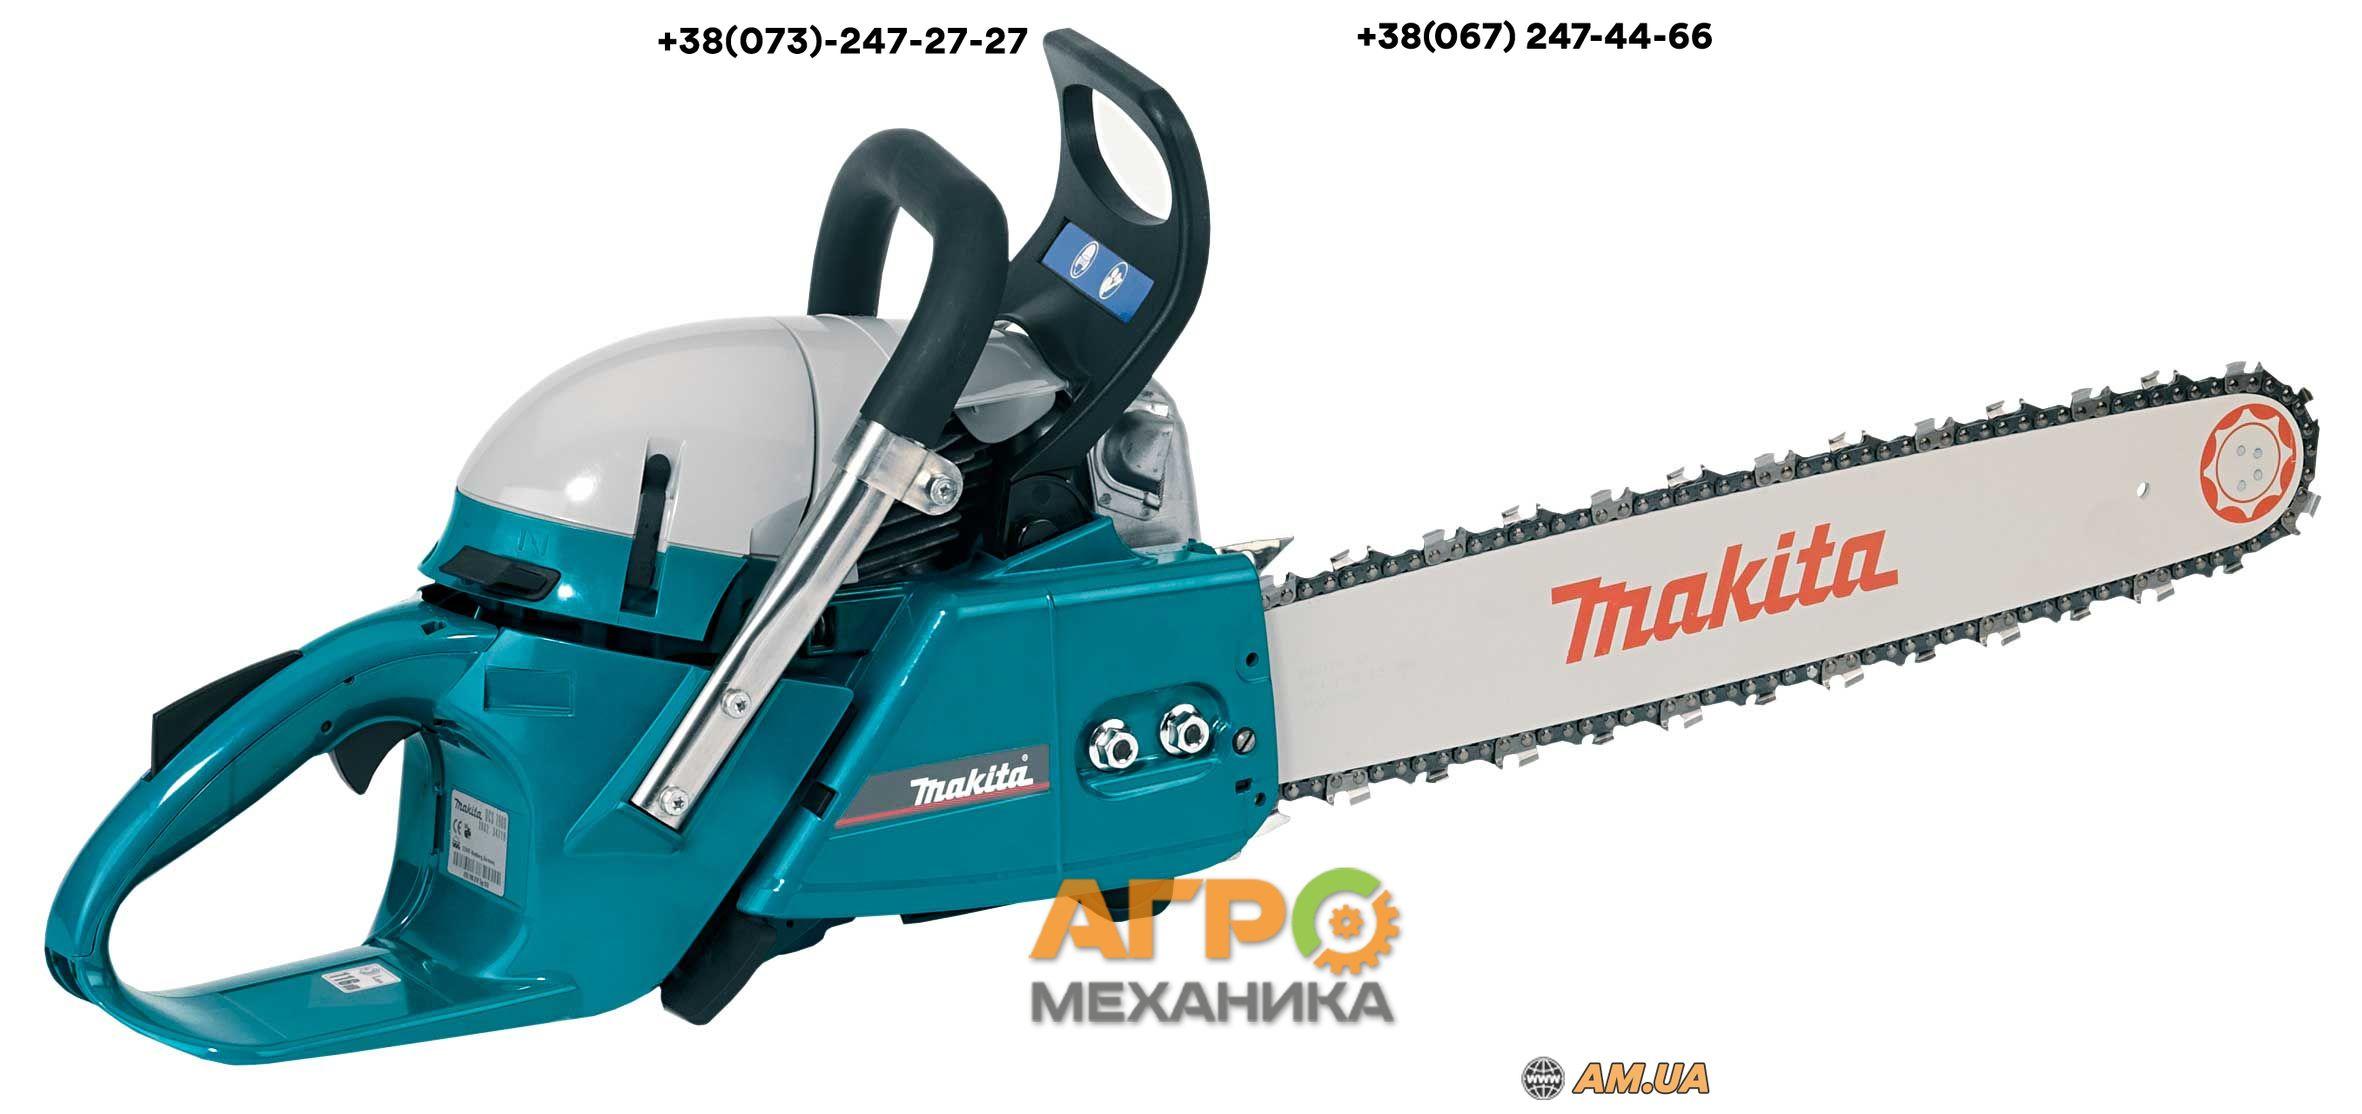 Бензопила makita dcs 7300-45 - купить | цены | обзоры и тесты | отзывы | параметры и характеристики | инструкция